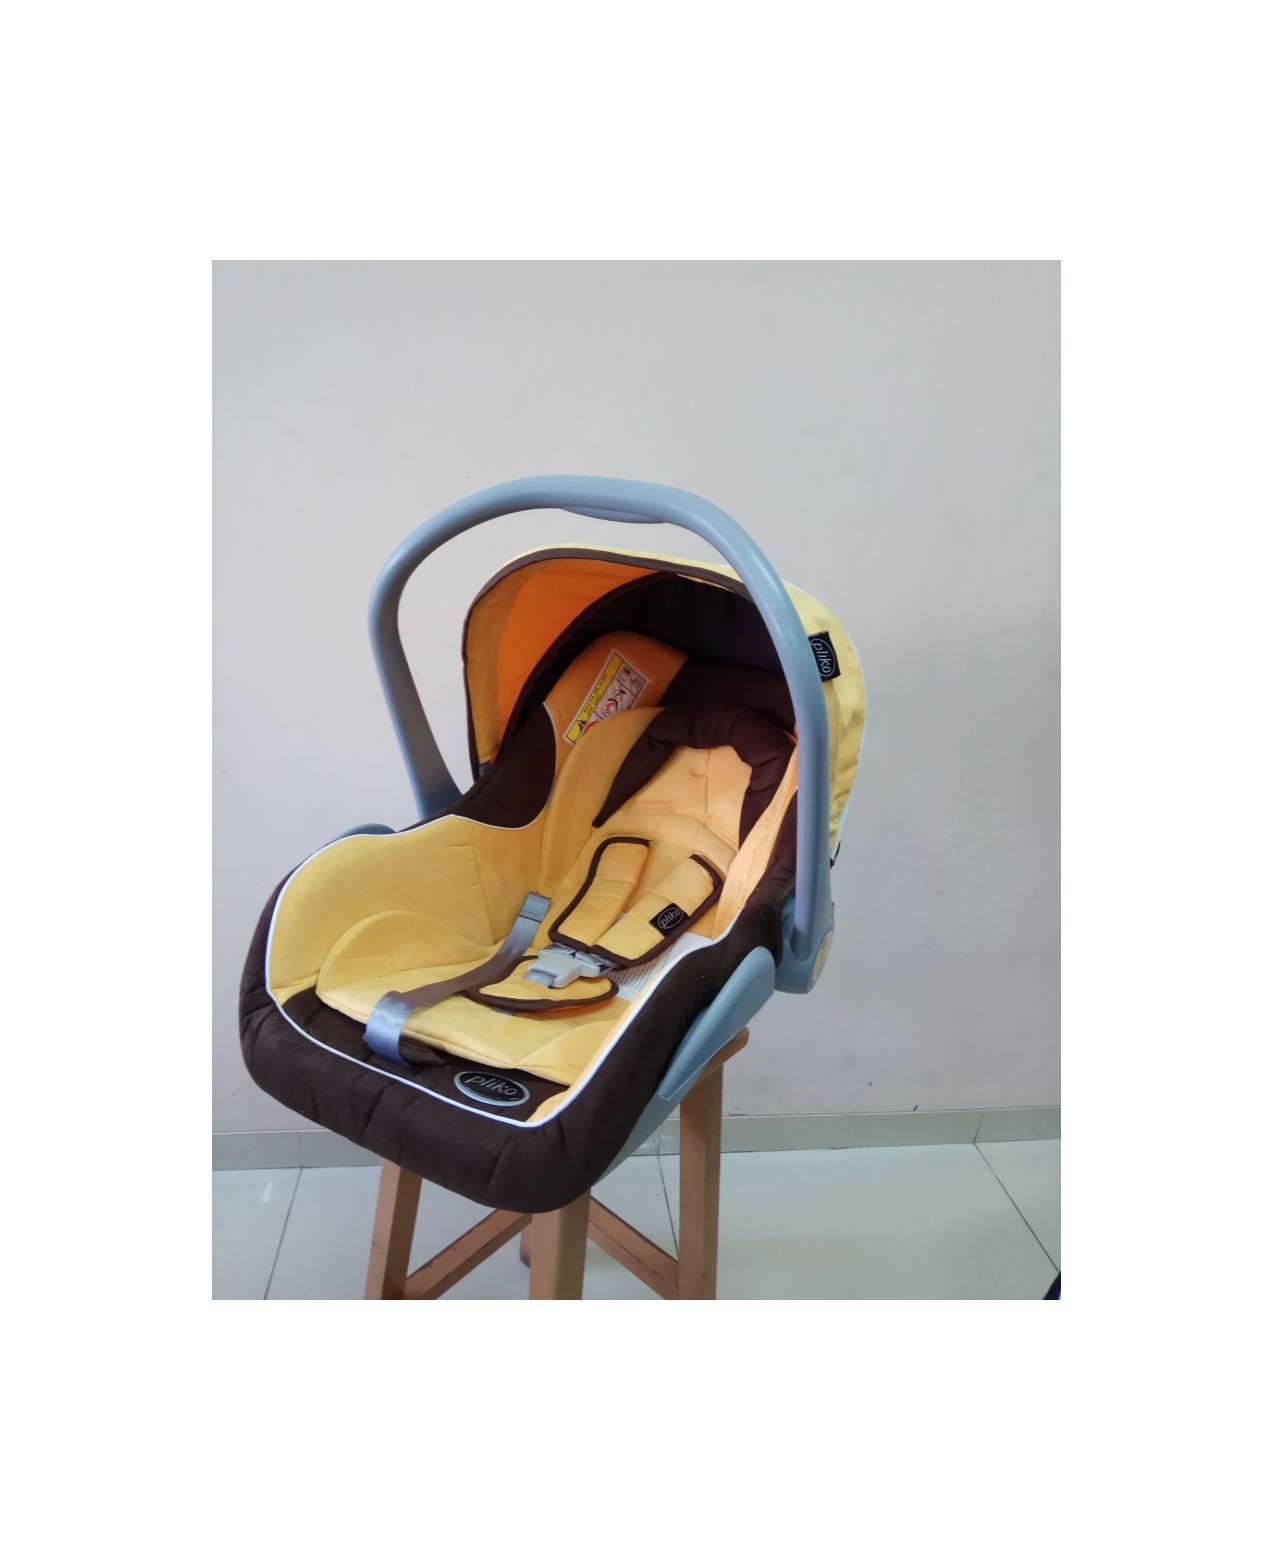 Detail Gambar car seat pliko 02B tempat duduk bayi di mobil Terbaru